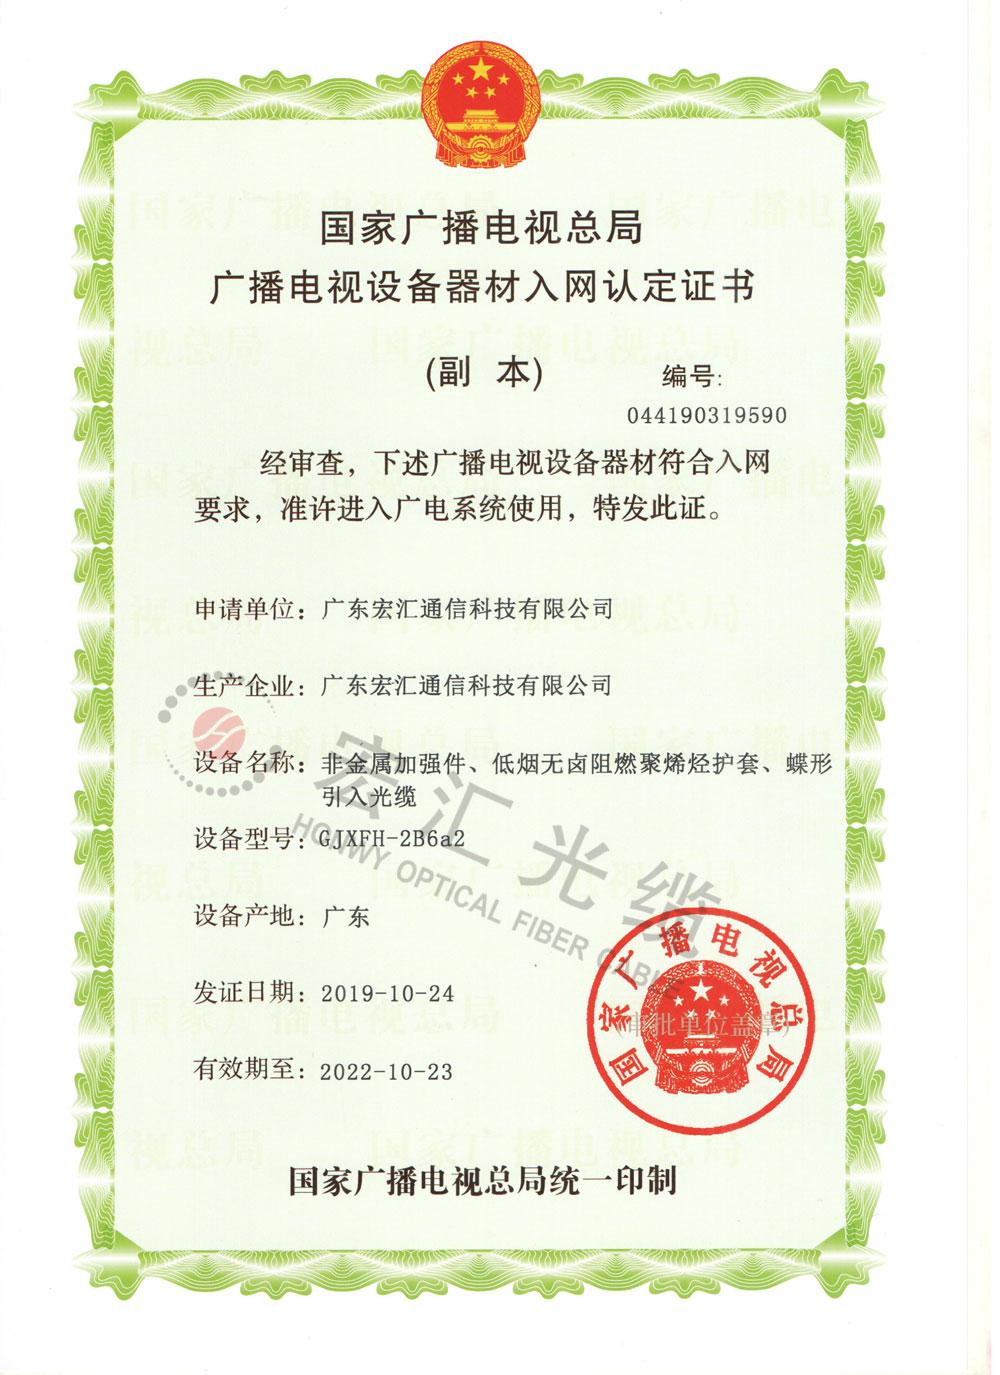 国家广电总局入网证书(GJXFH-2B6a2)